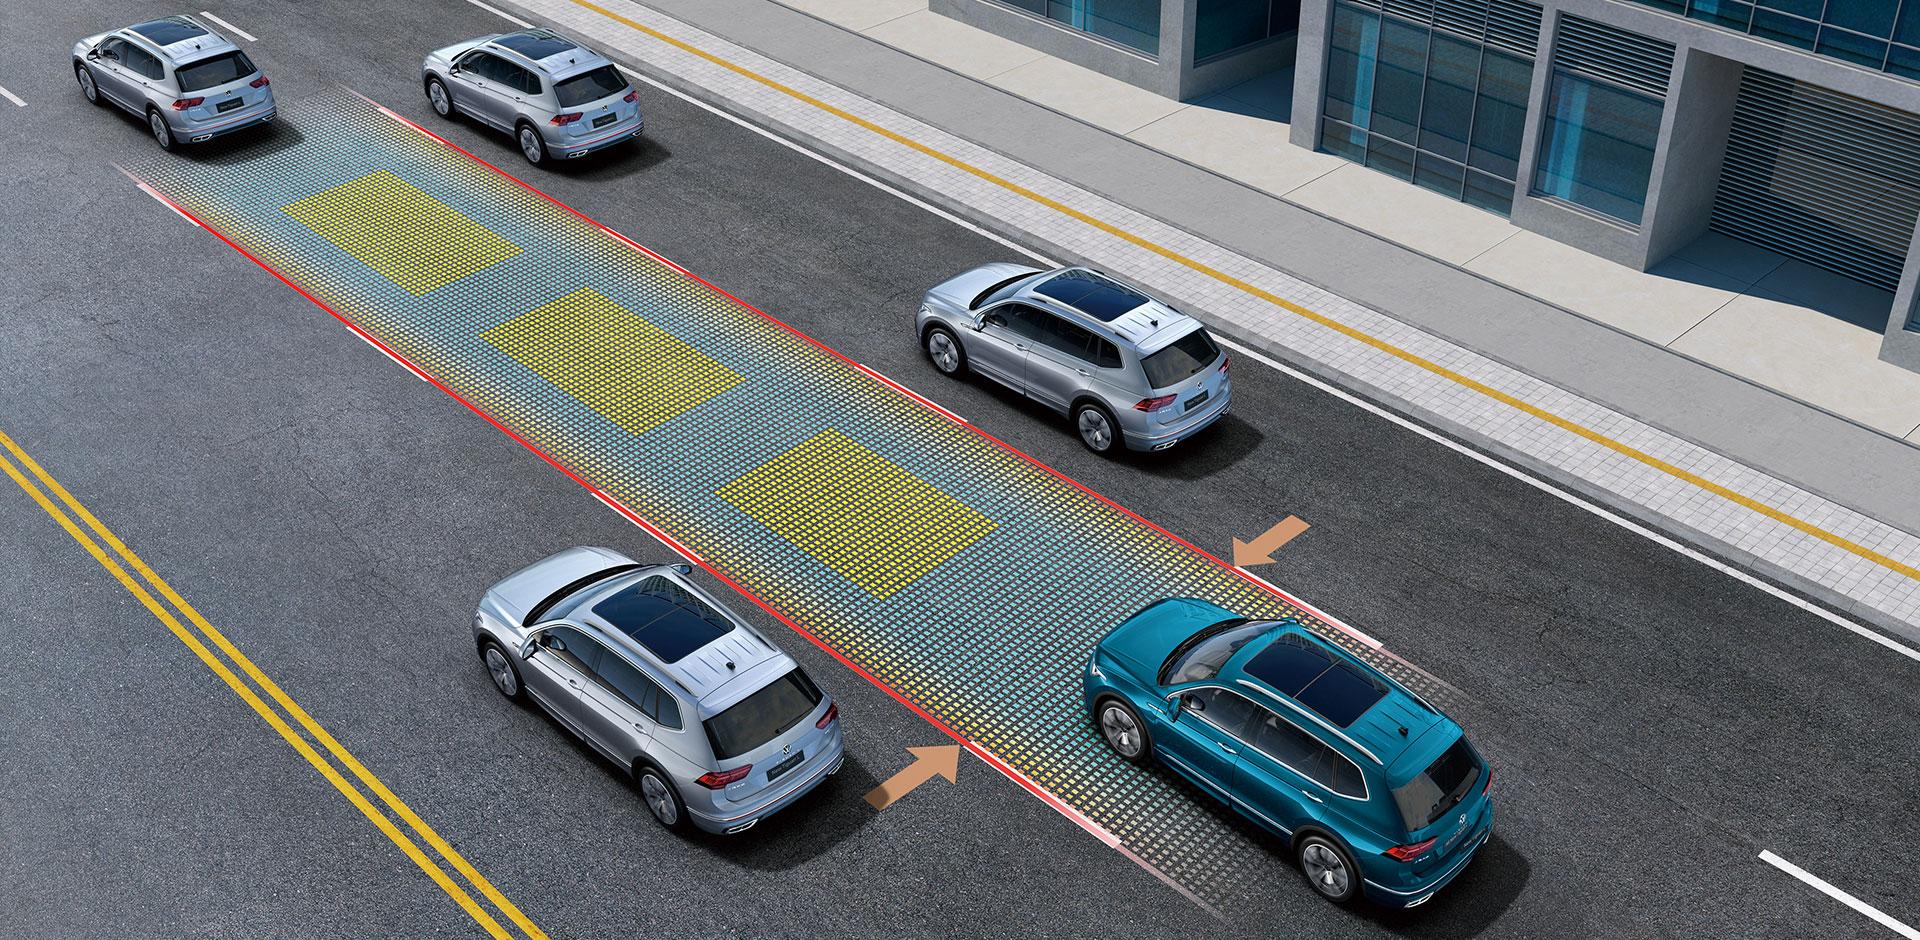 全旅程智能驾驶辅助系统